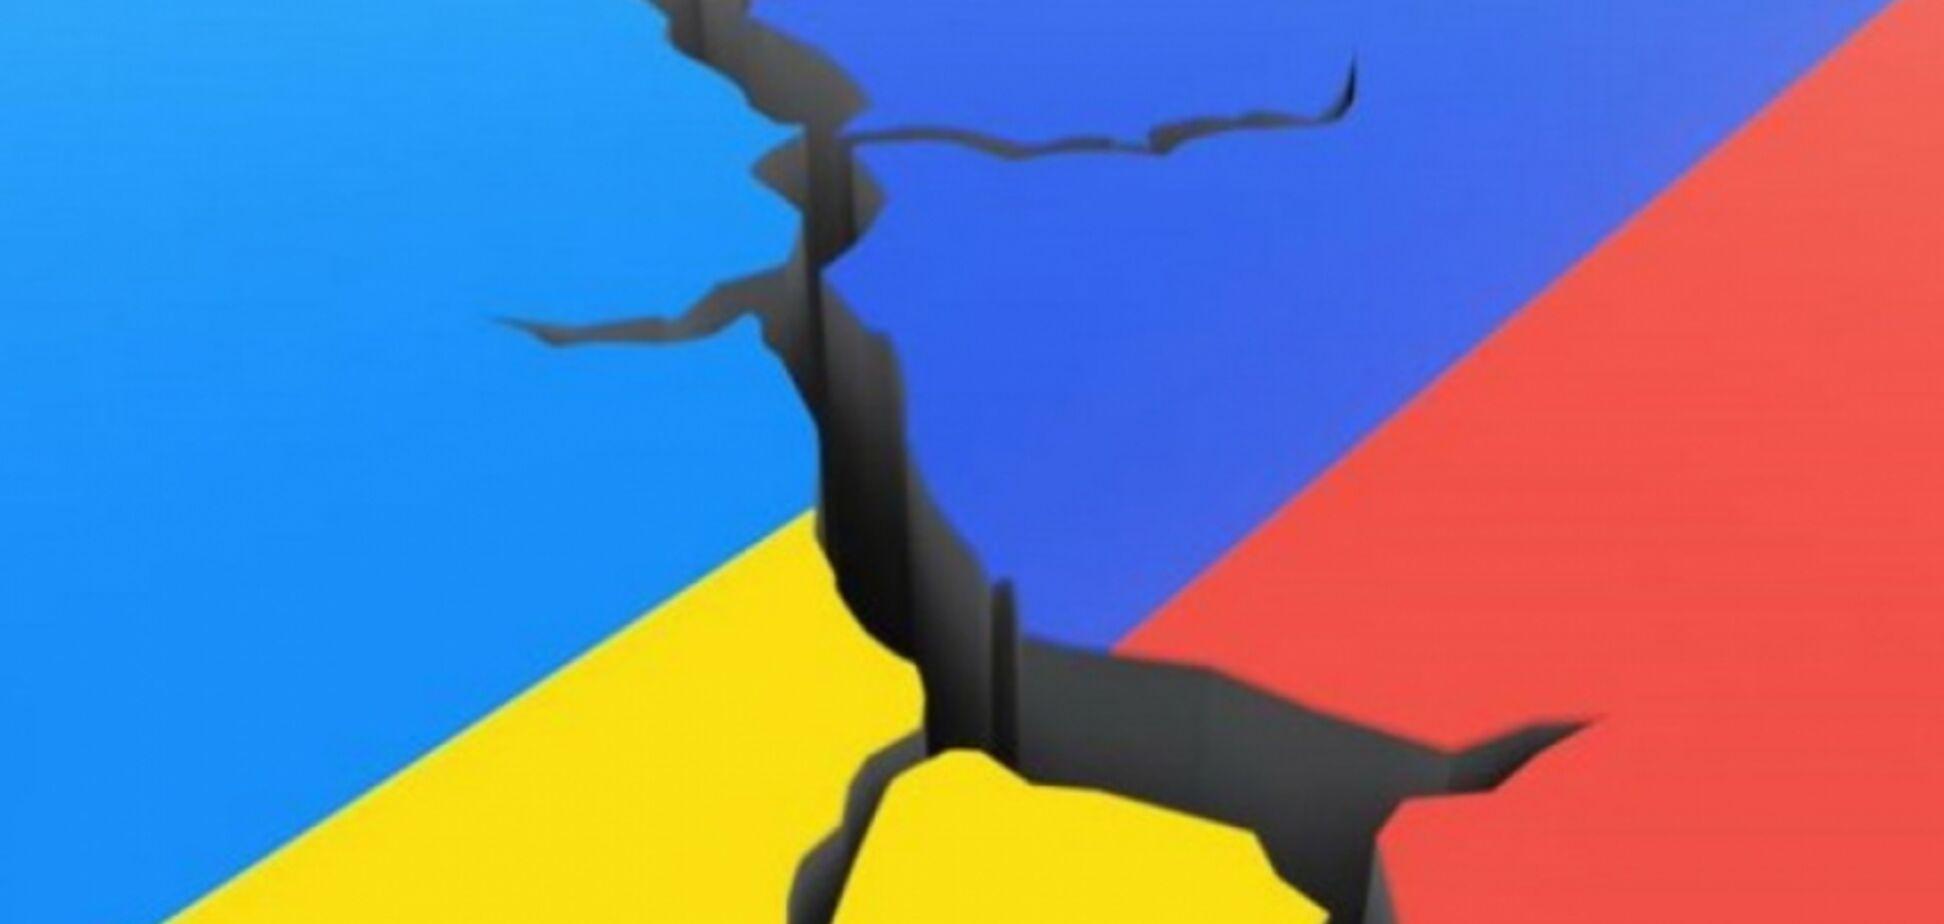 Разрыв дипотношений с РФ: российский правозащитник пояснил, почему 'это плохо'